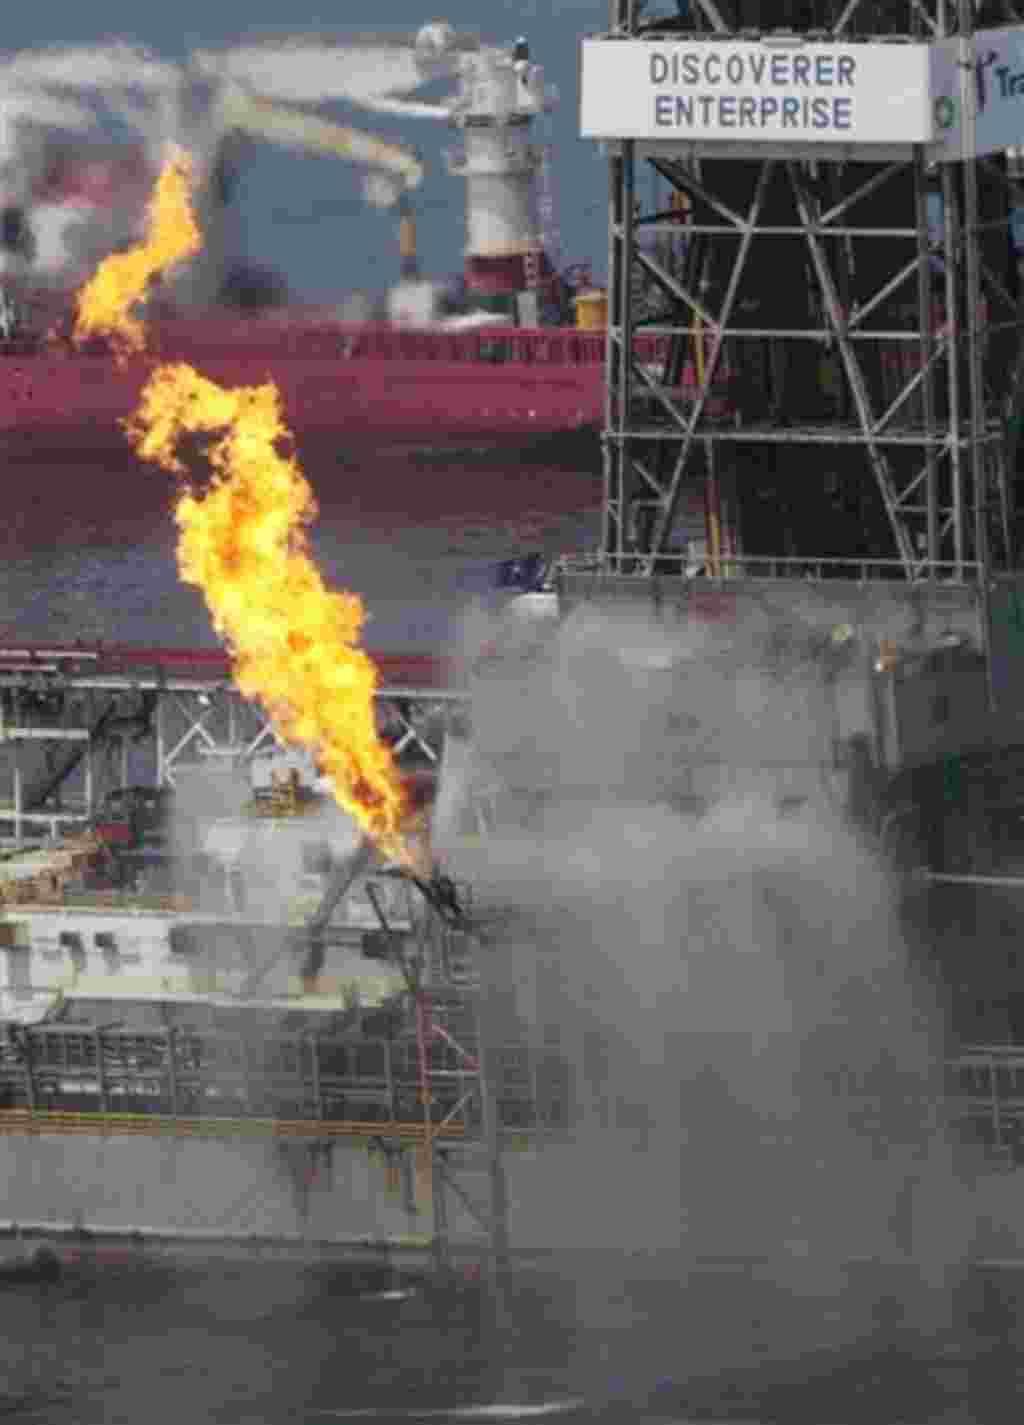 La tapa sobre del pozo roto de BP continuó recogiendo petróleo por días y días, al mismo tiempo que las autoridades trataban de determinar cuánto petróleo se escapaba y qué daño que se causaría.